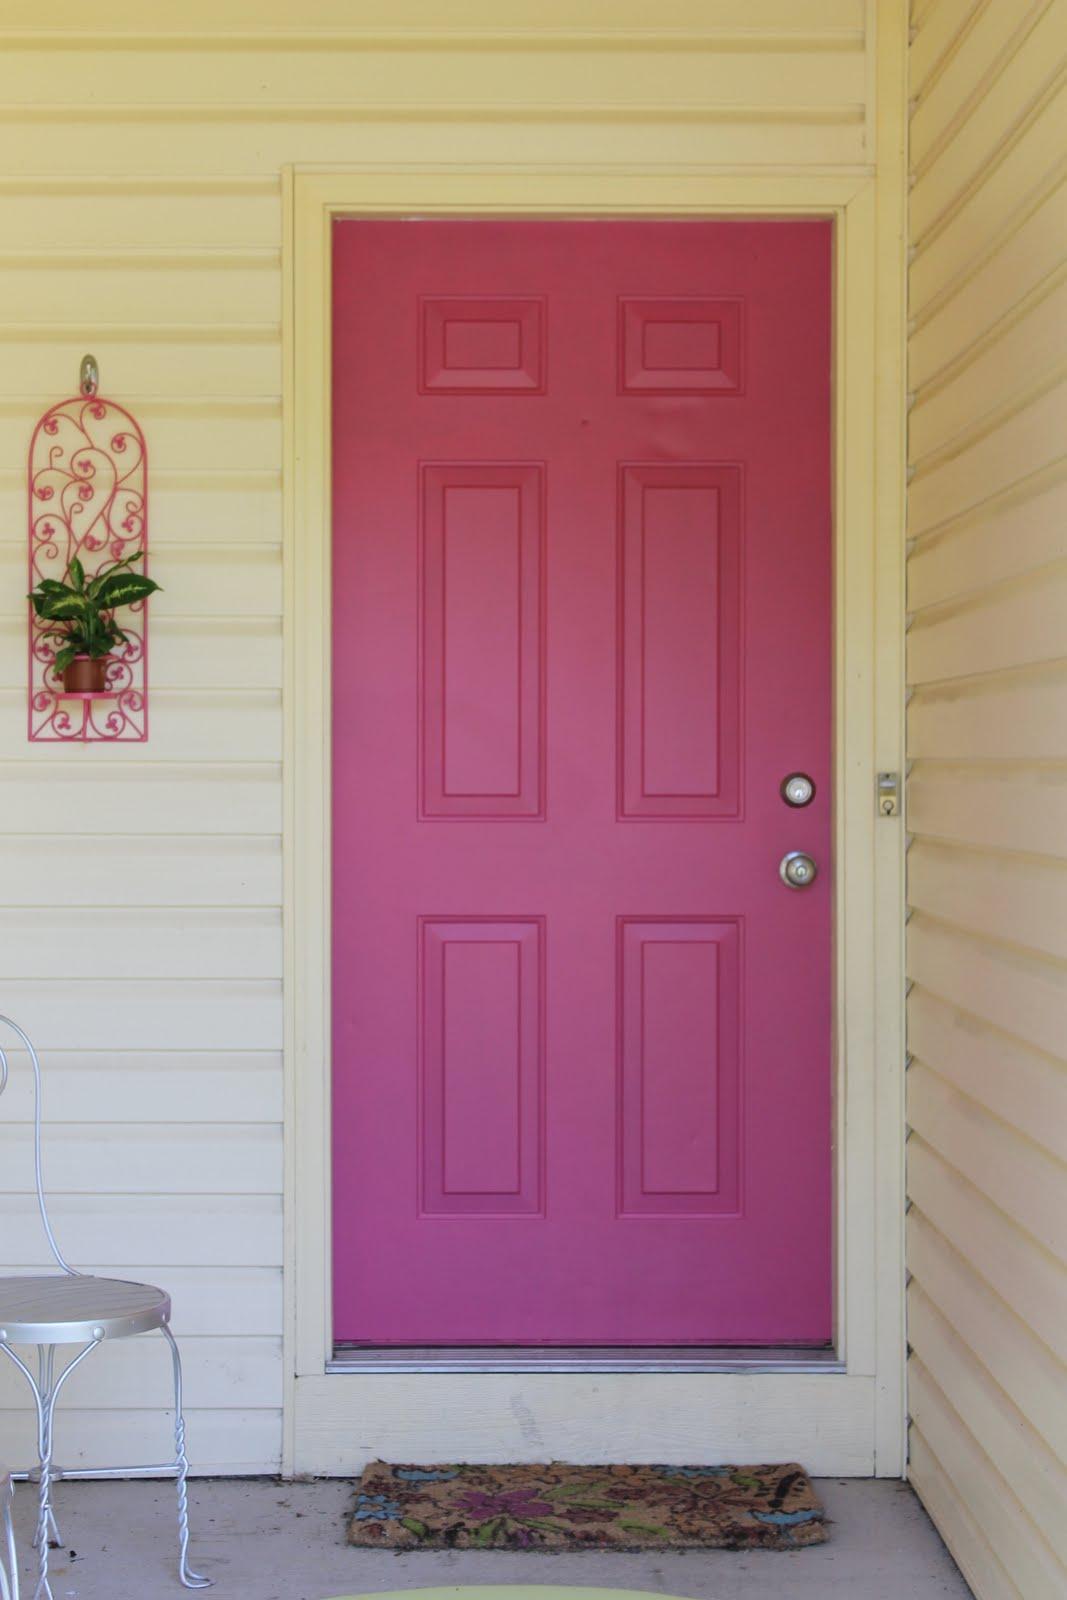 Hems And Haws Pink Door